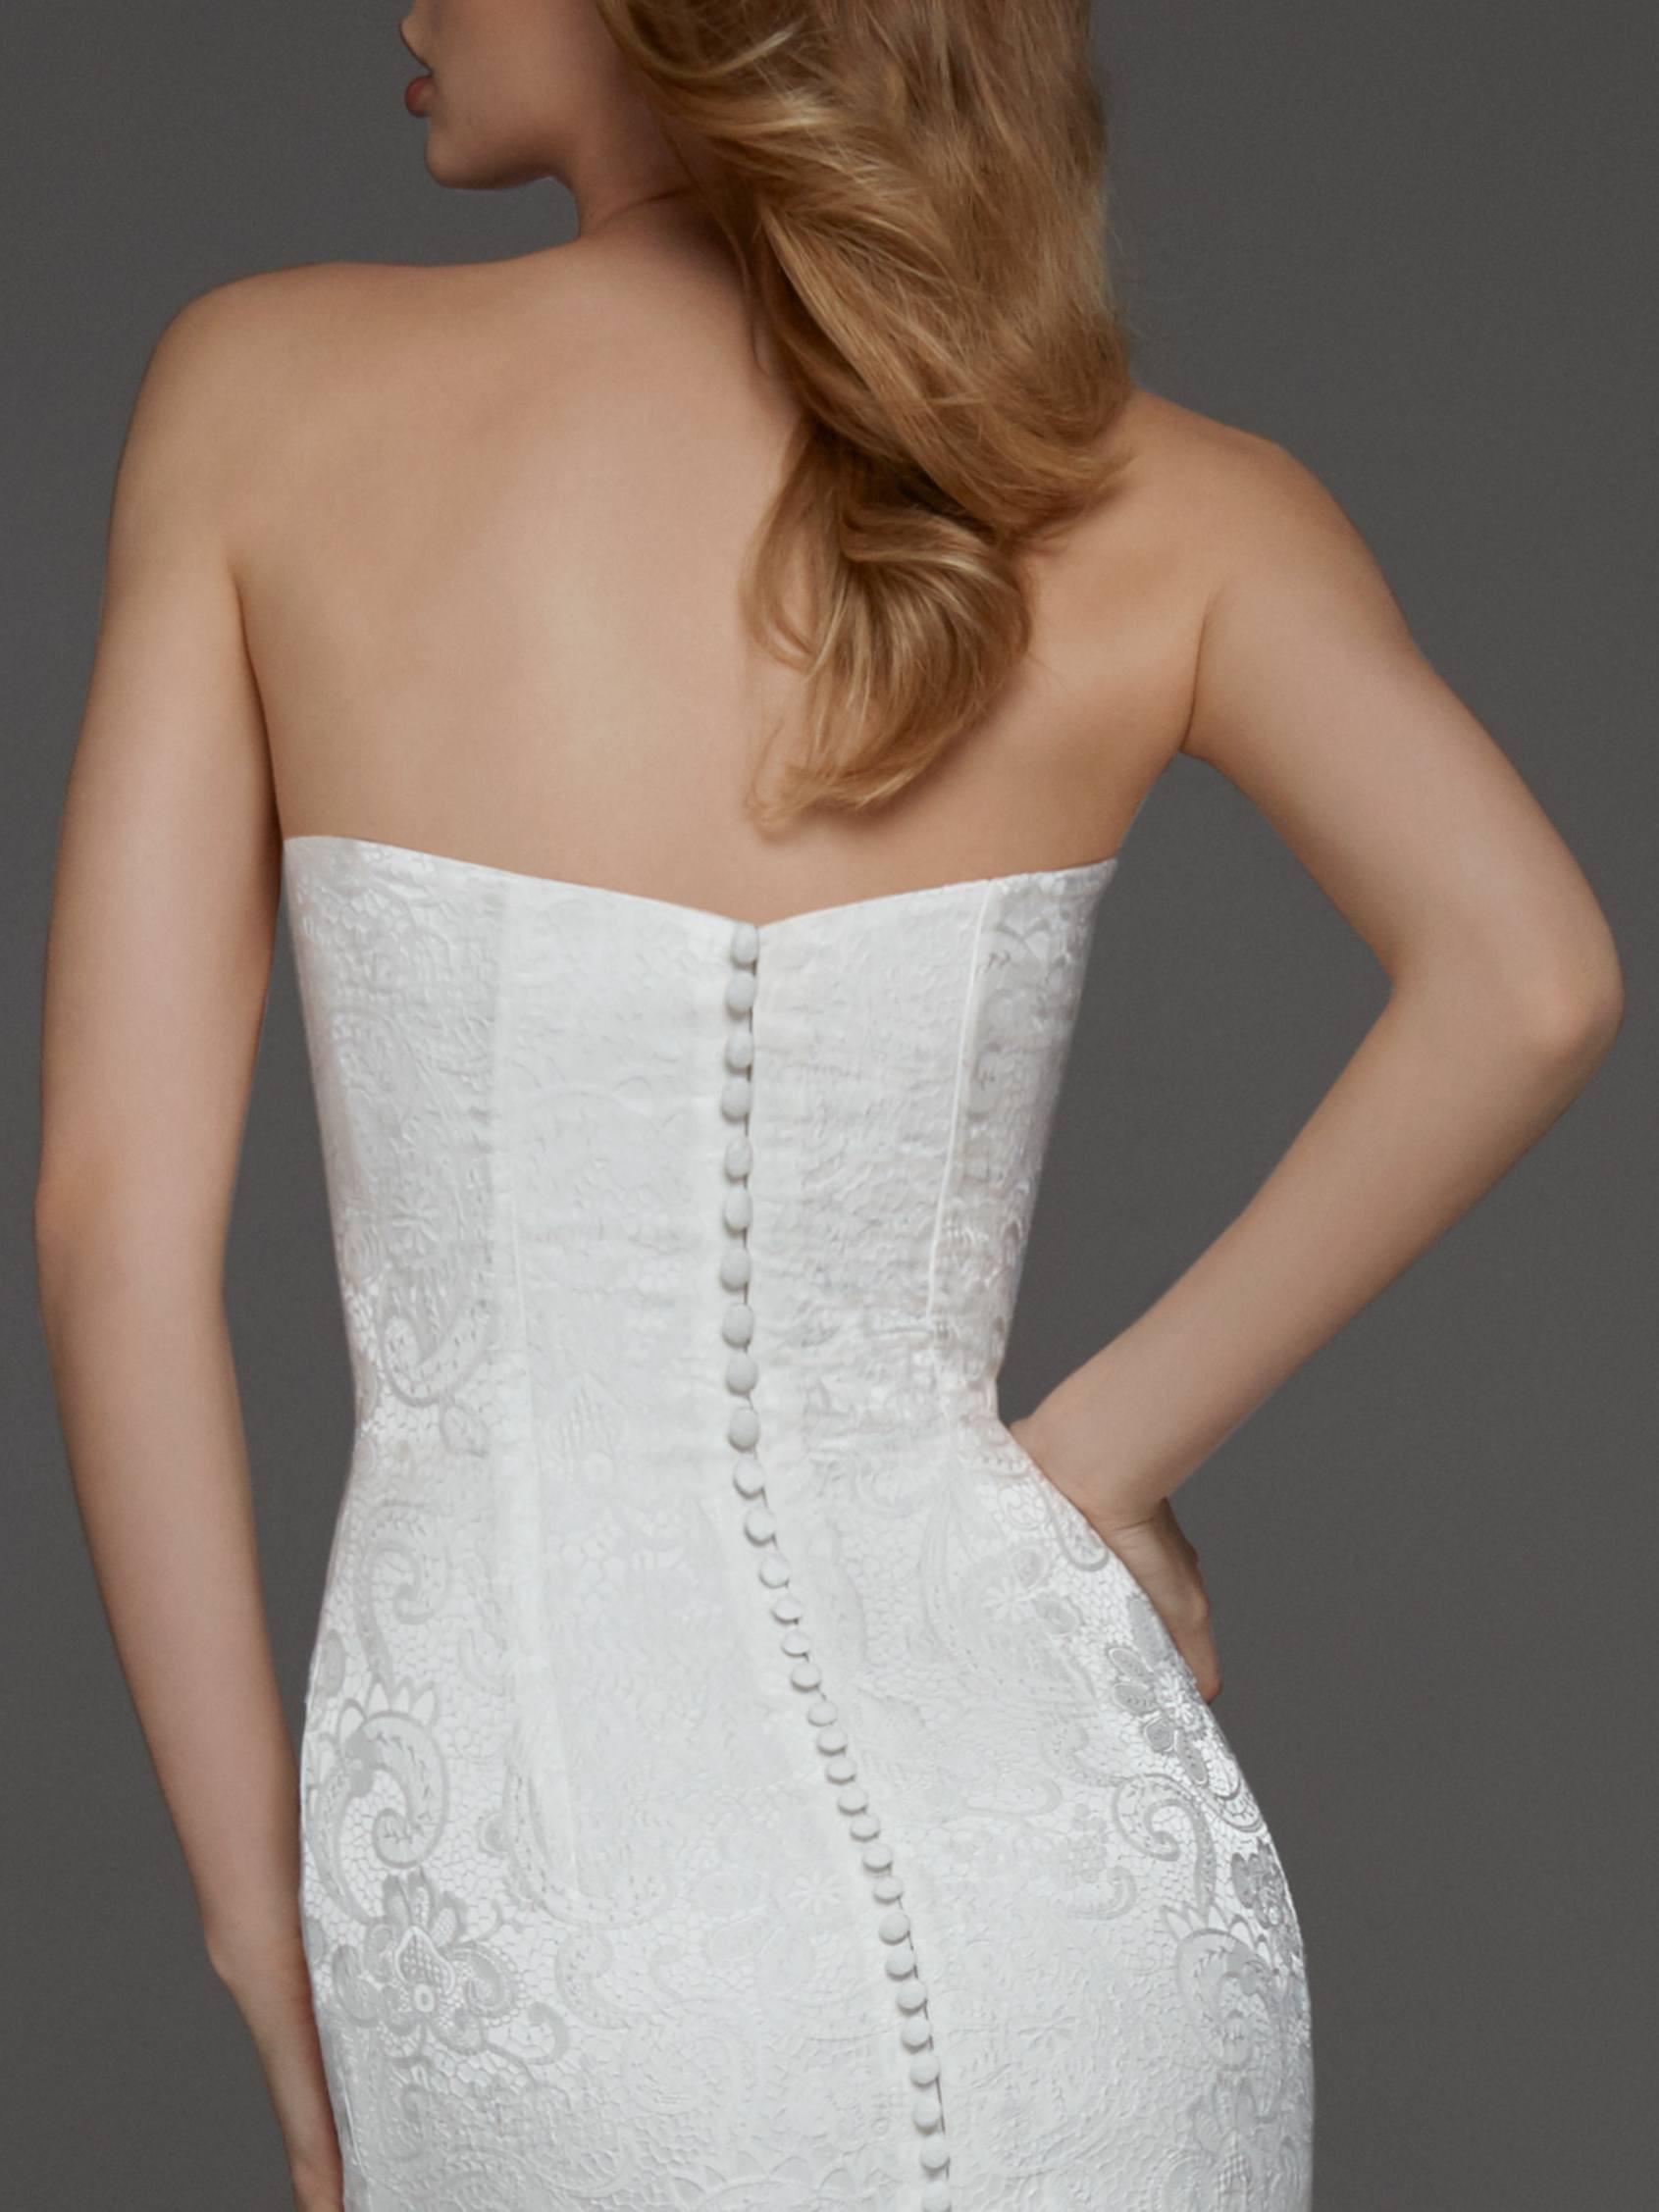 tipos-de-blanco-para-vestidos-de-novia-05